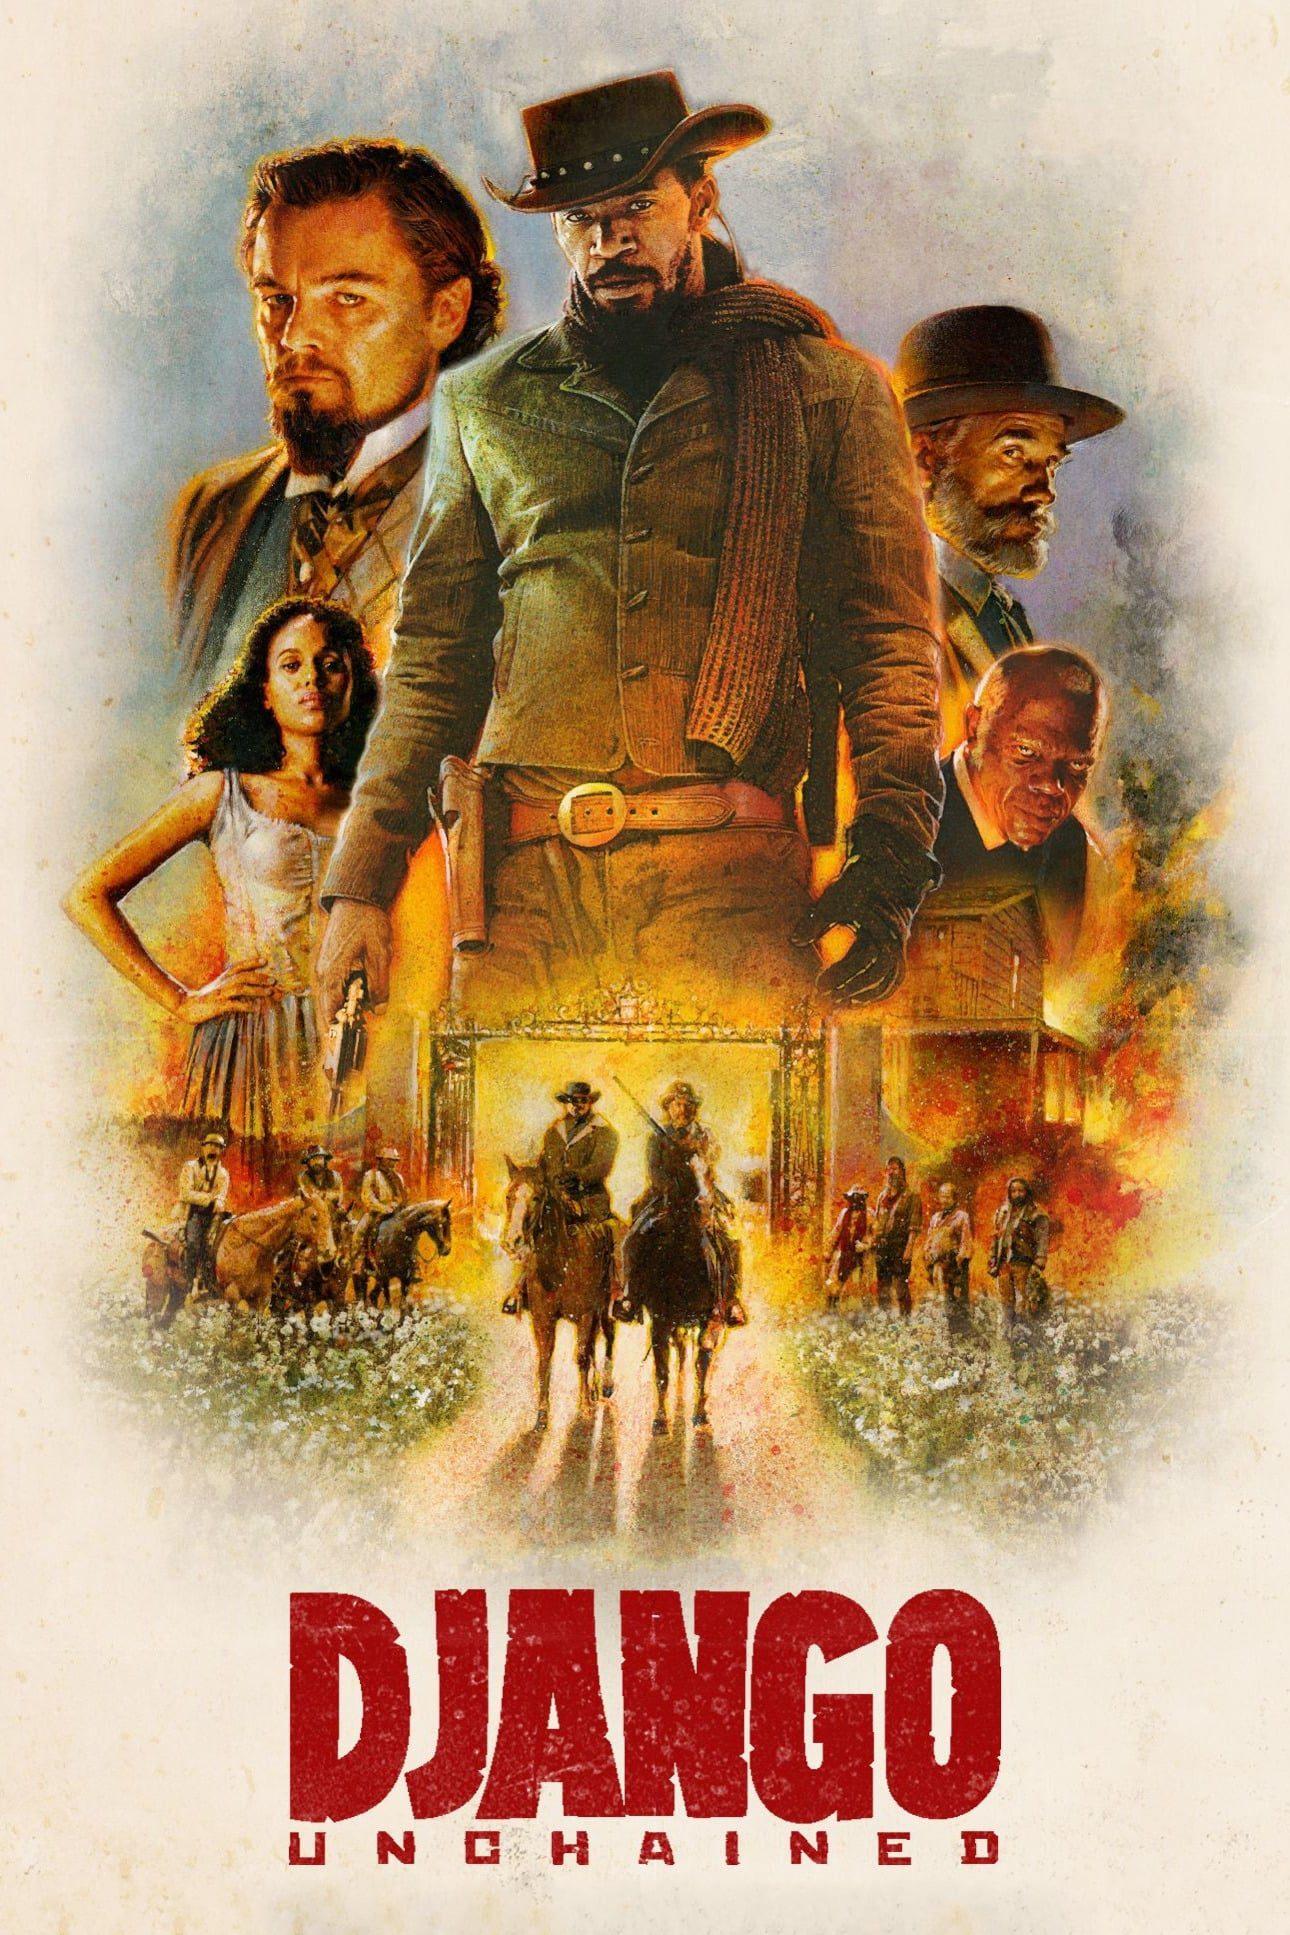 Django Unchained on Netflix